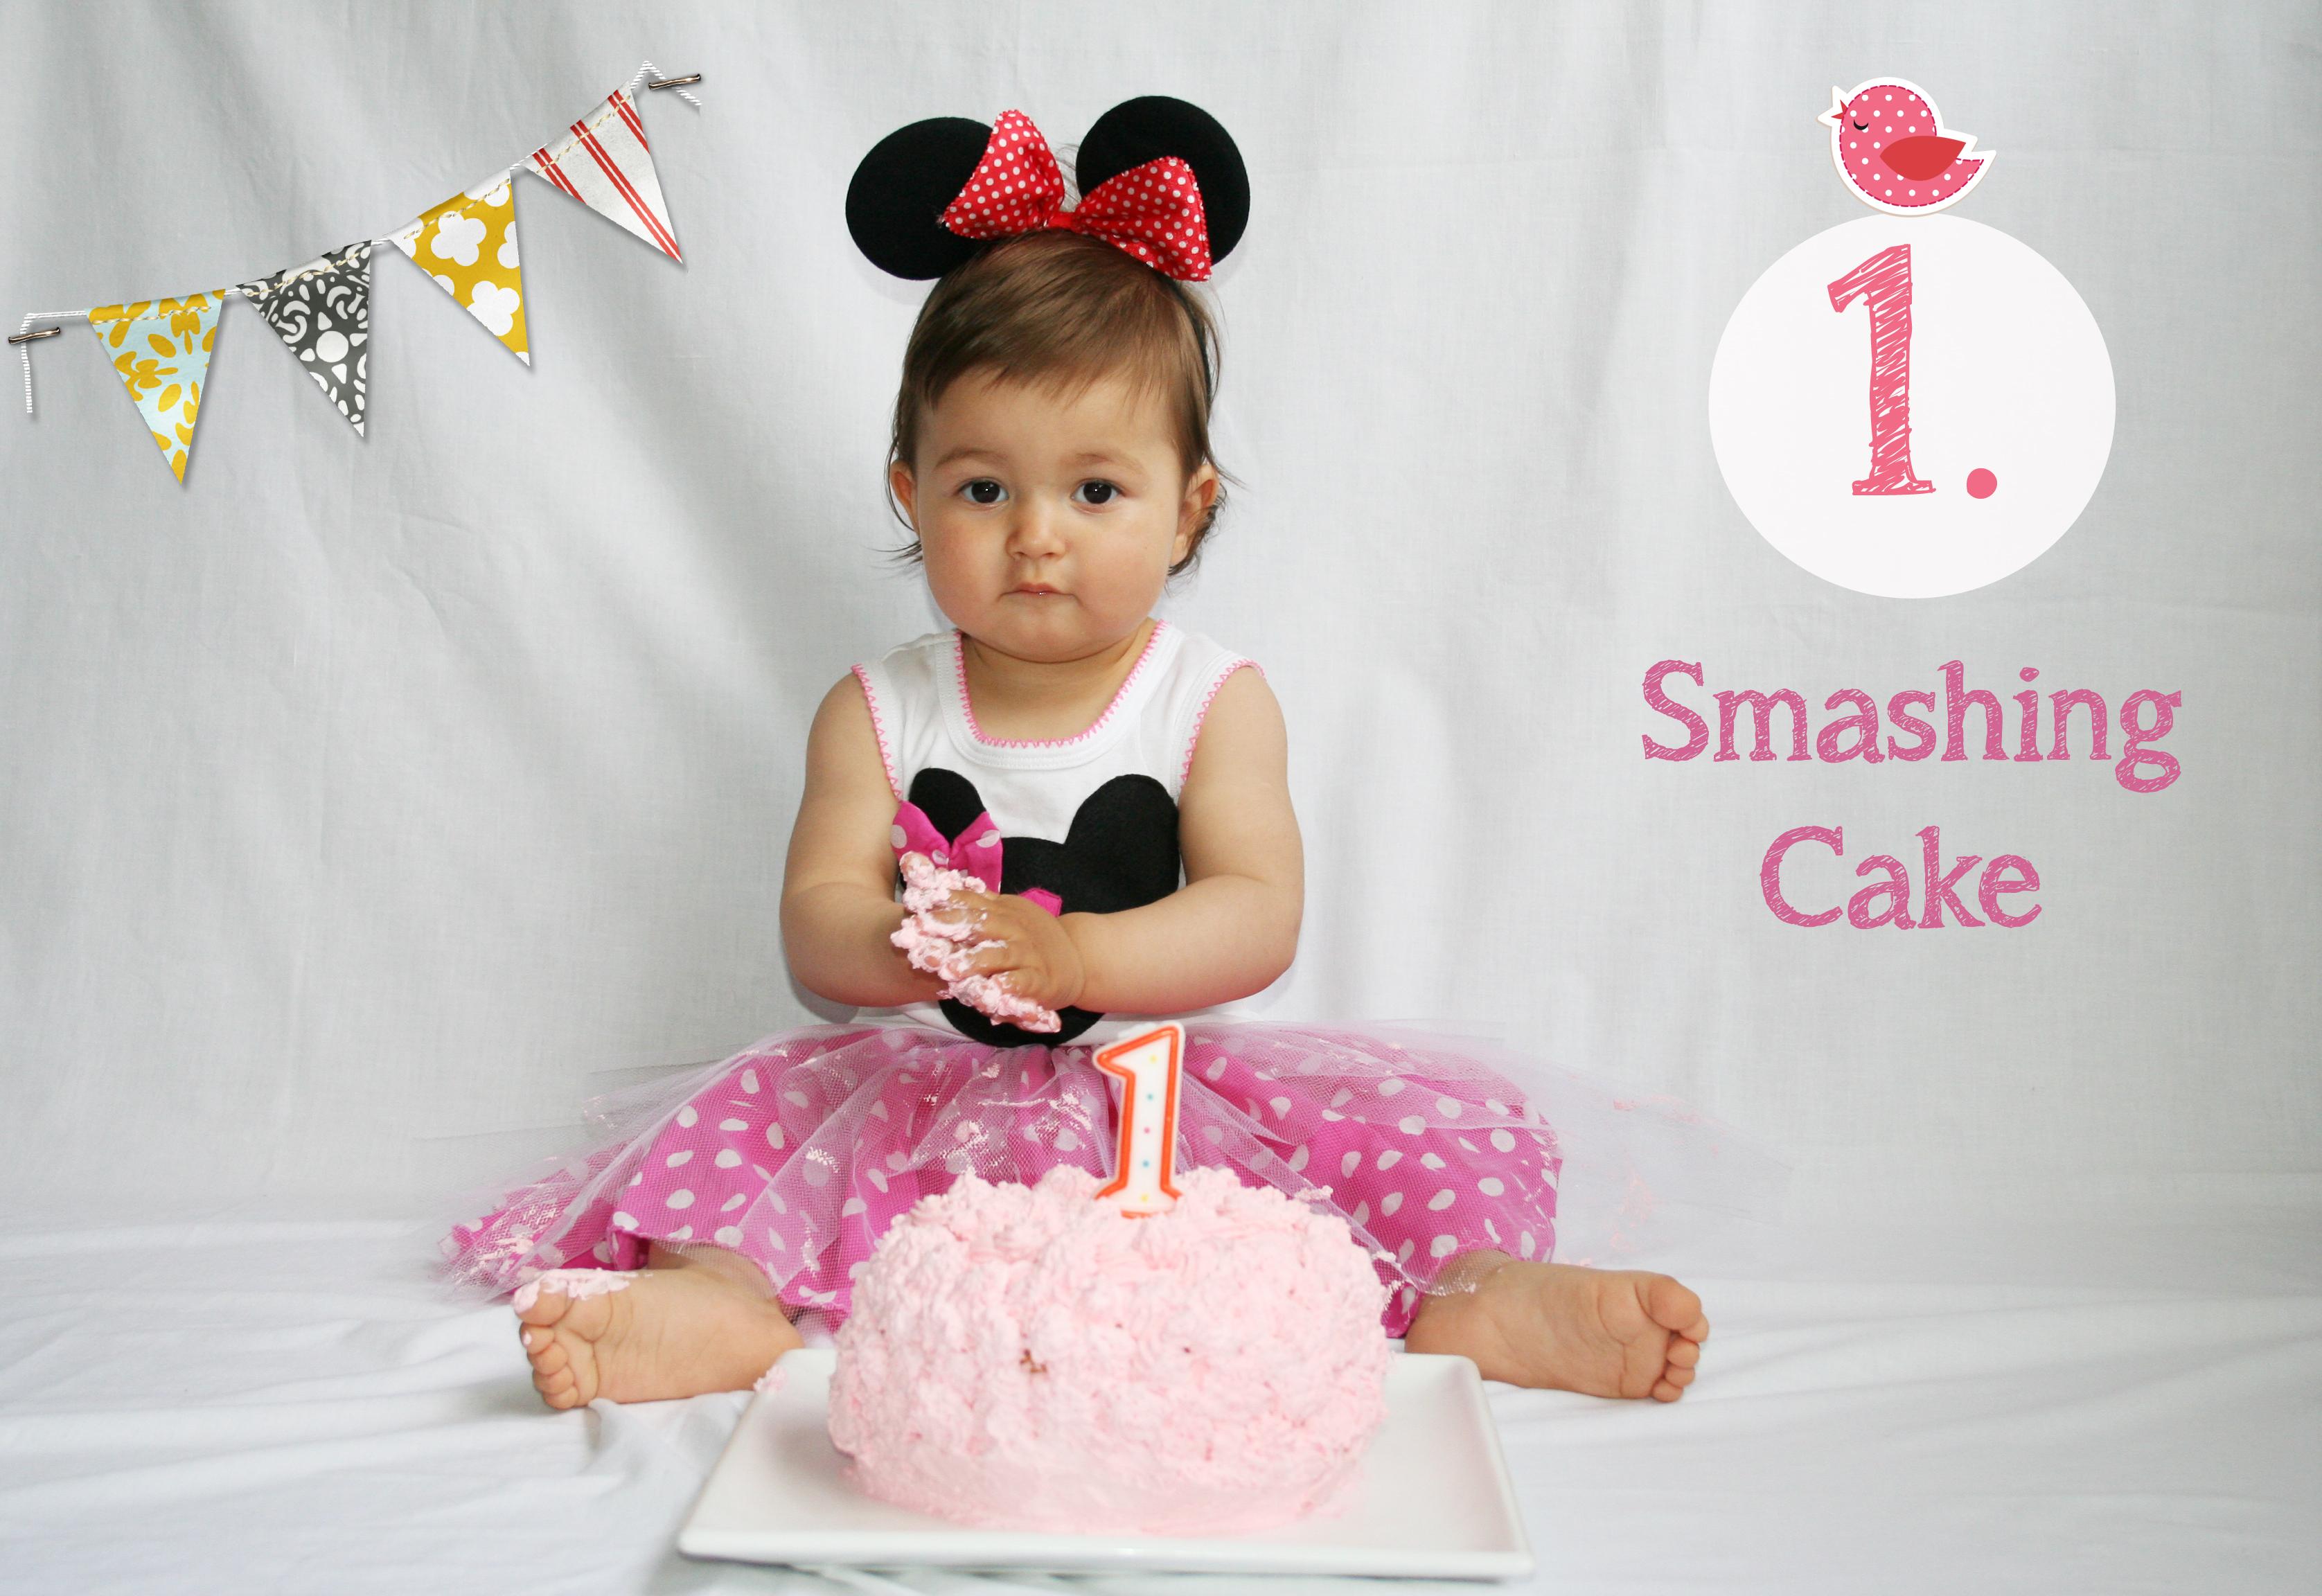 ideje za 1 rođendan rođendan | Mala Radionica Mašte ideje za 1 rođendan